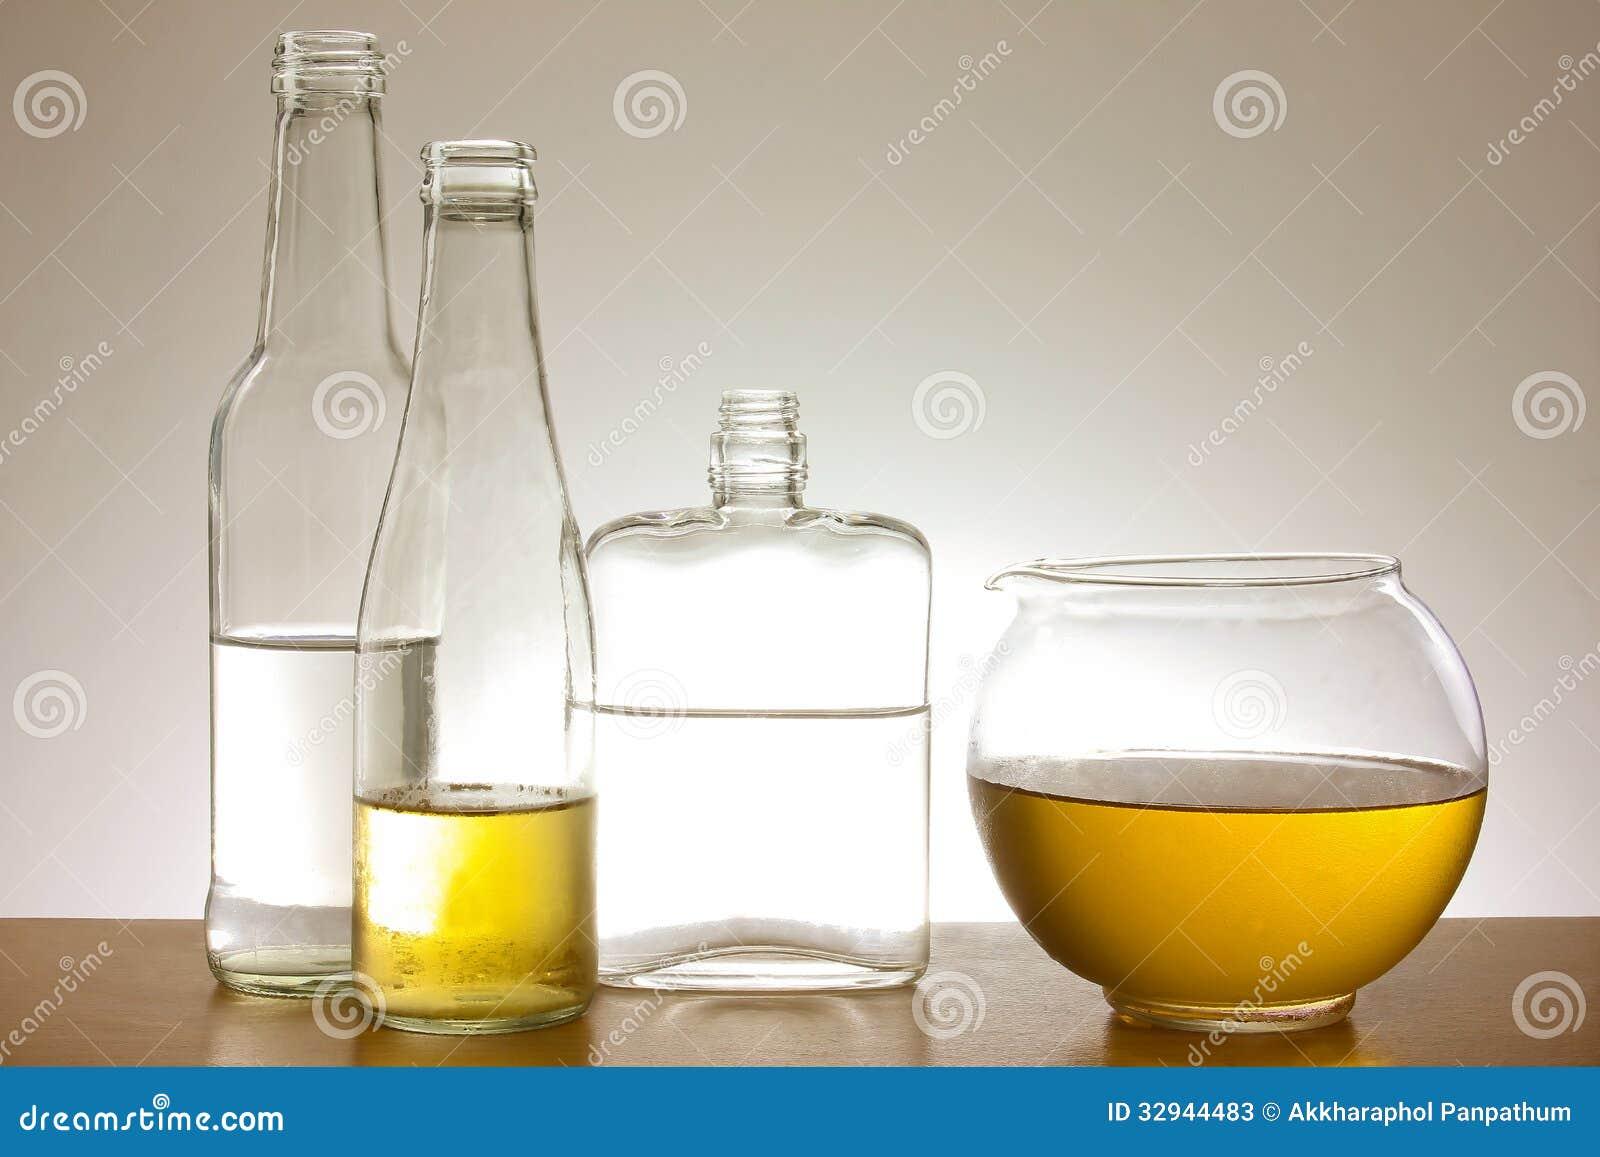 Coleção de garrafas de vidro